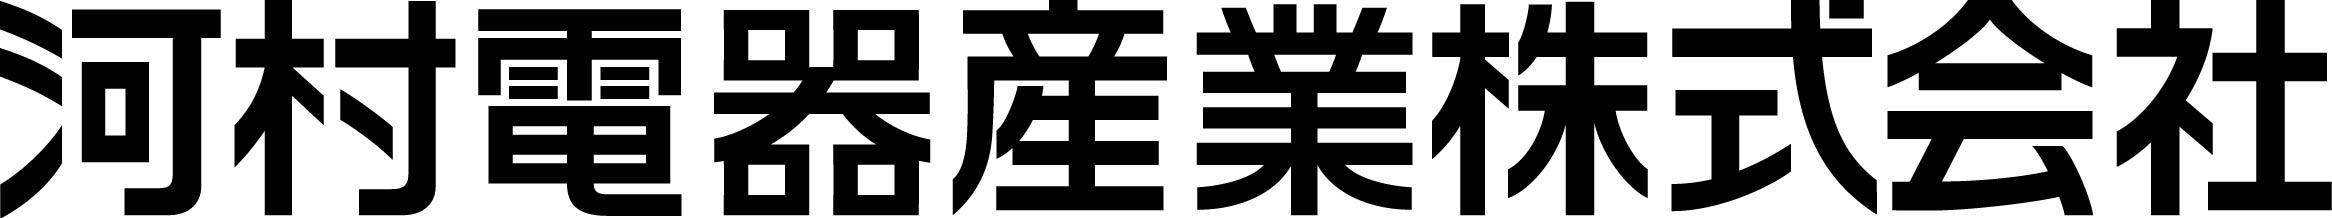 河村電器産業株式会社